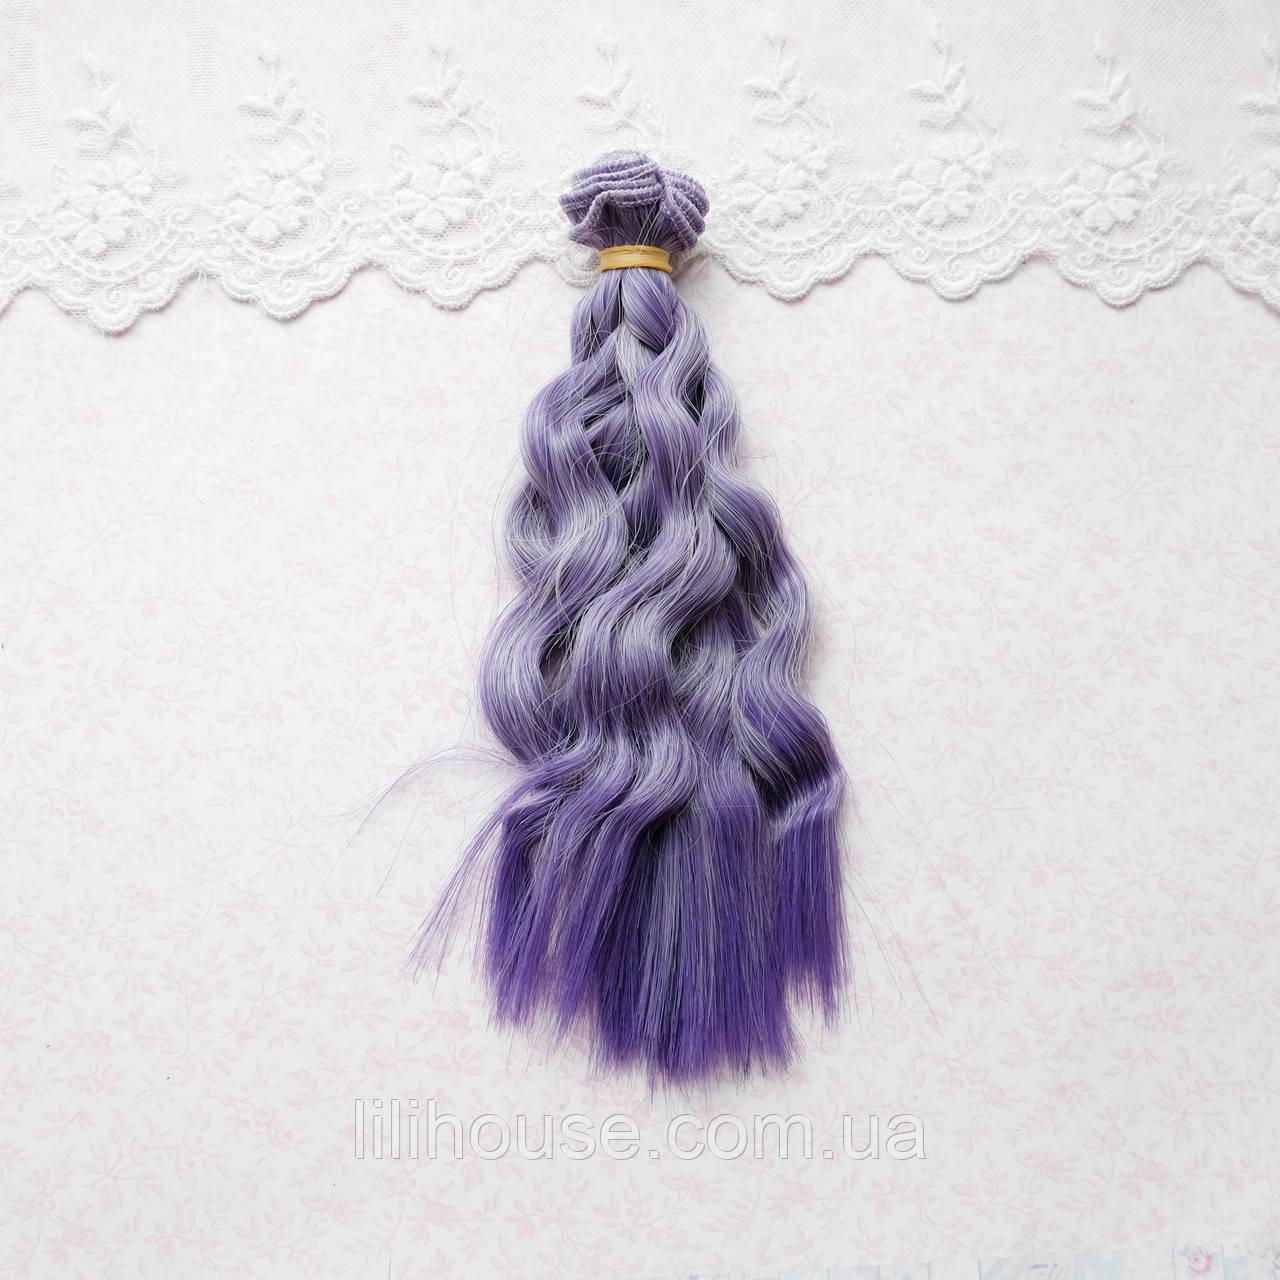 Волосы для кукол в трессах легкие кудри косичка, омбре сирень и лаванда - 15 см